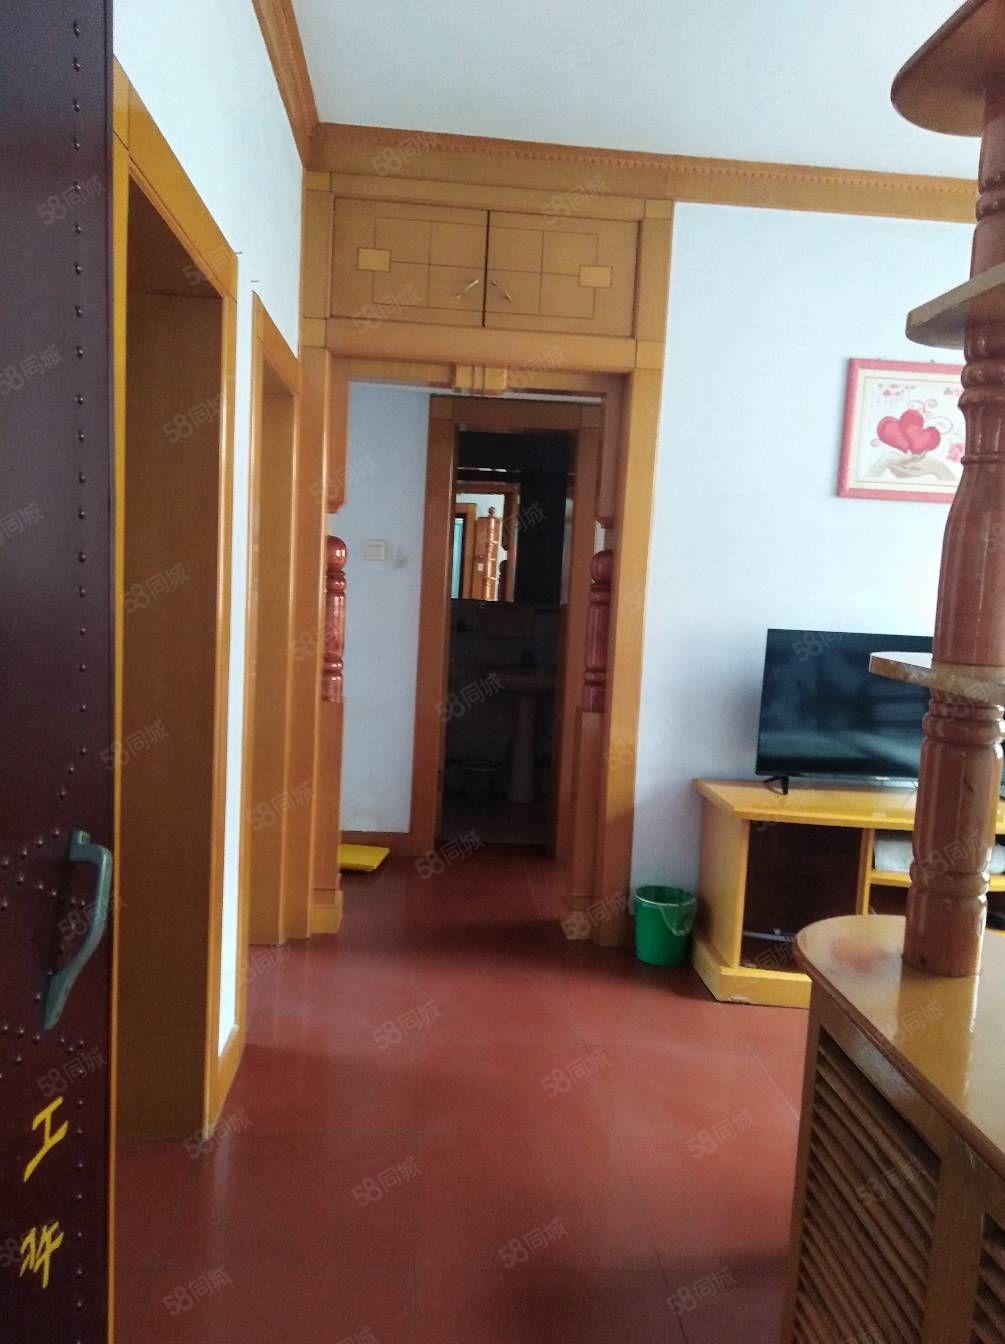 2814西顺河街税局家属院两室精装暖气学校房